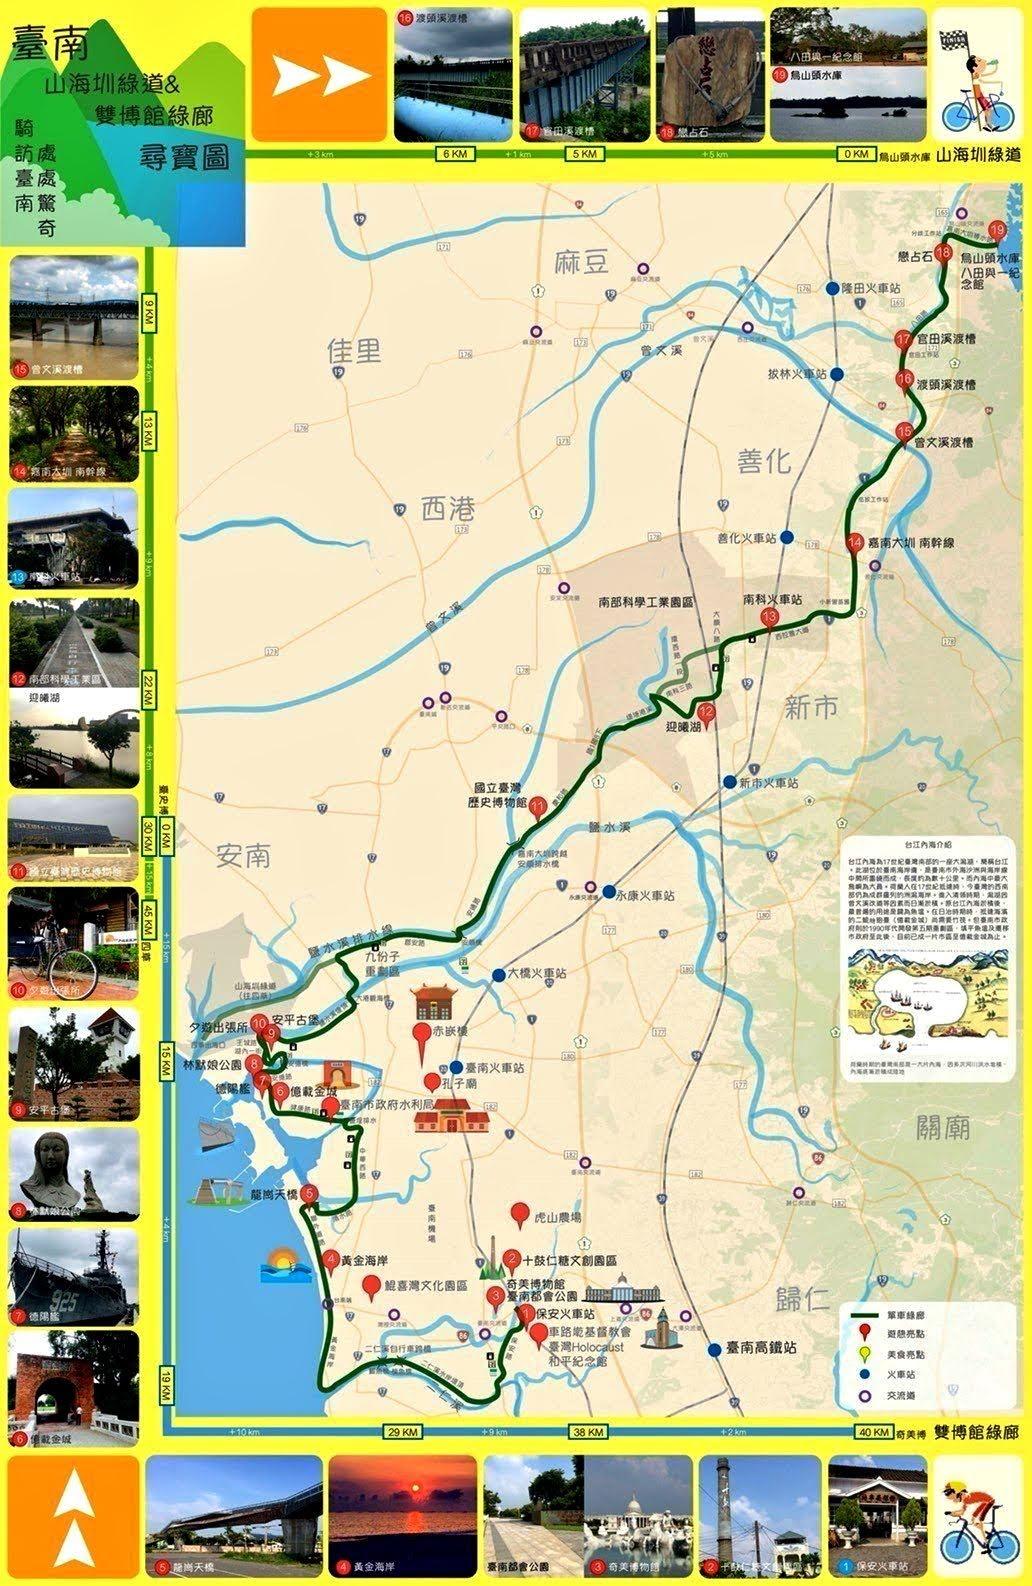 90公里秘境打卡新亮點 台南水岸自行車道增加藝術牆